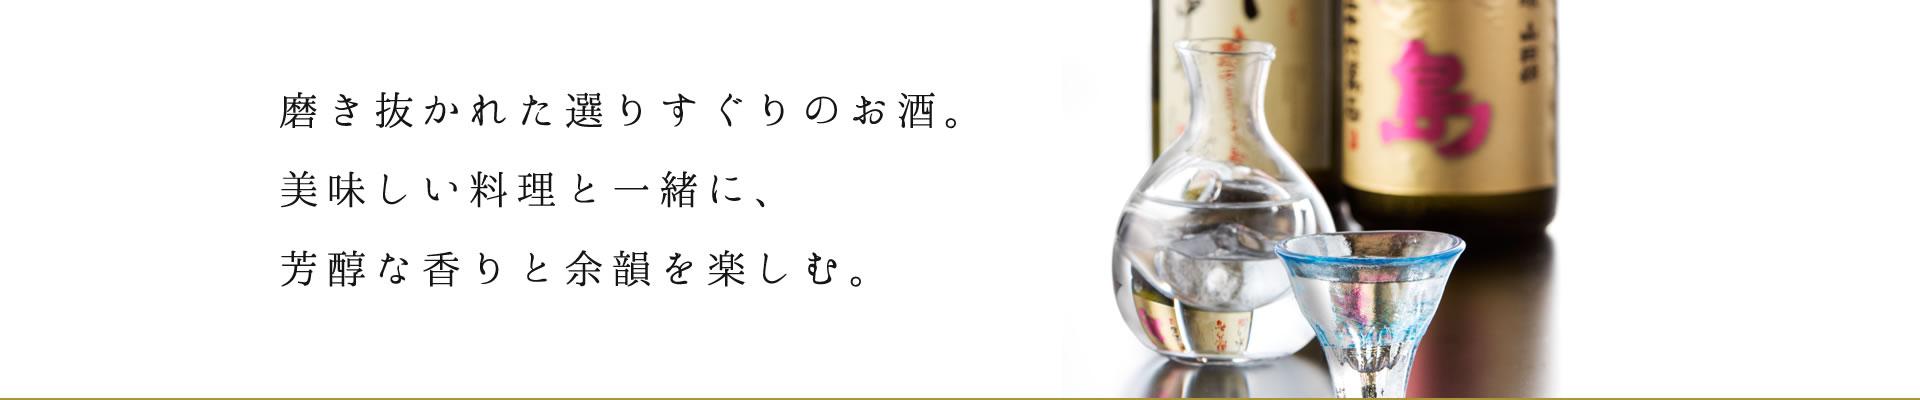 お飲み物 | 博多久吉